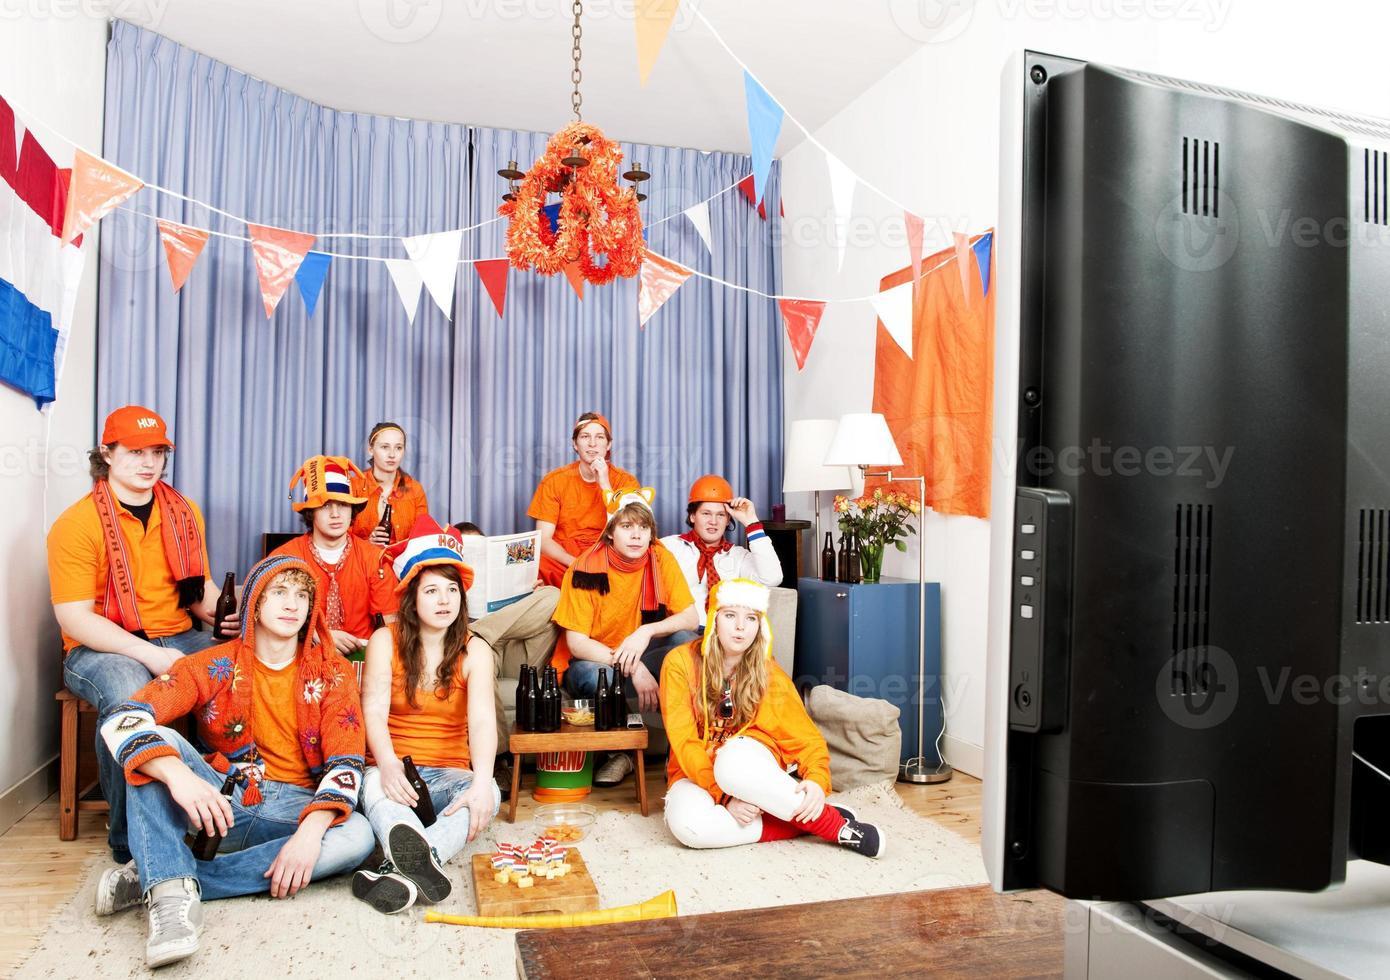 das Spiel zu Hause beobachten foto